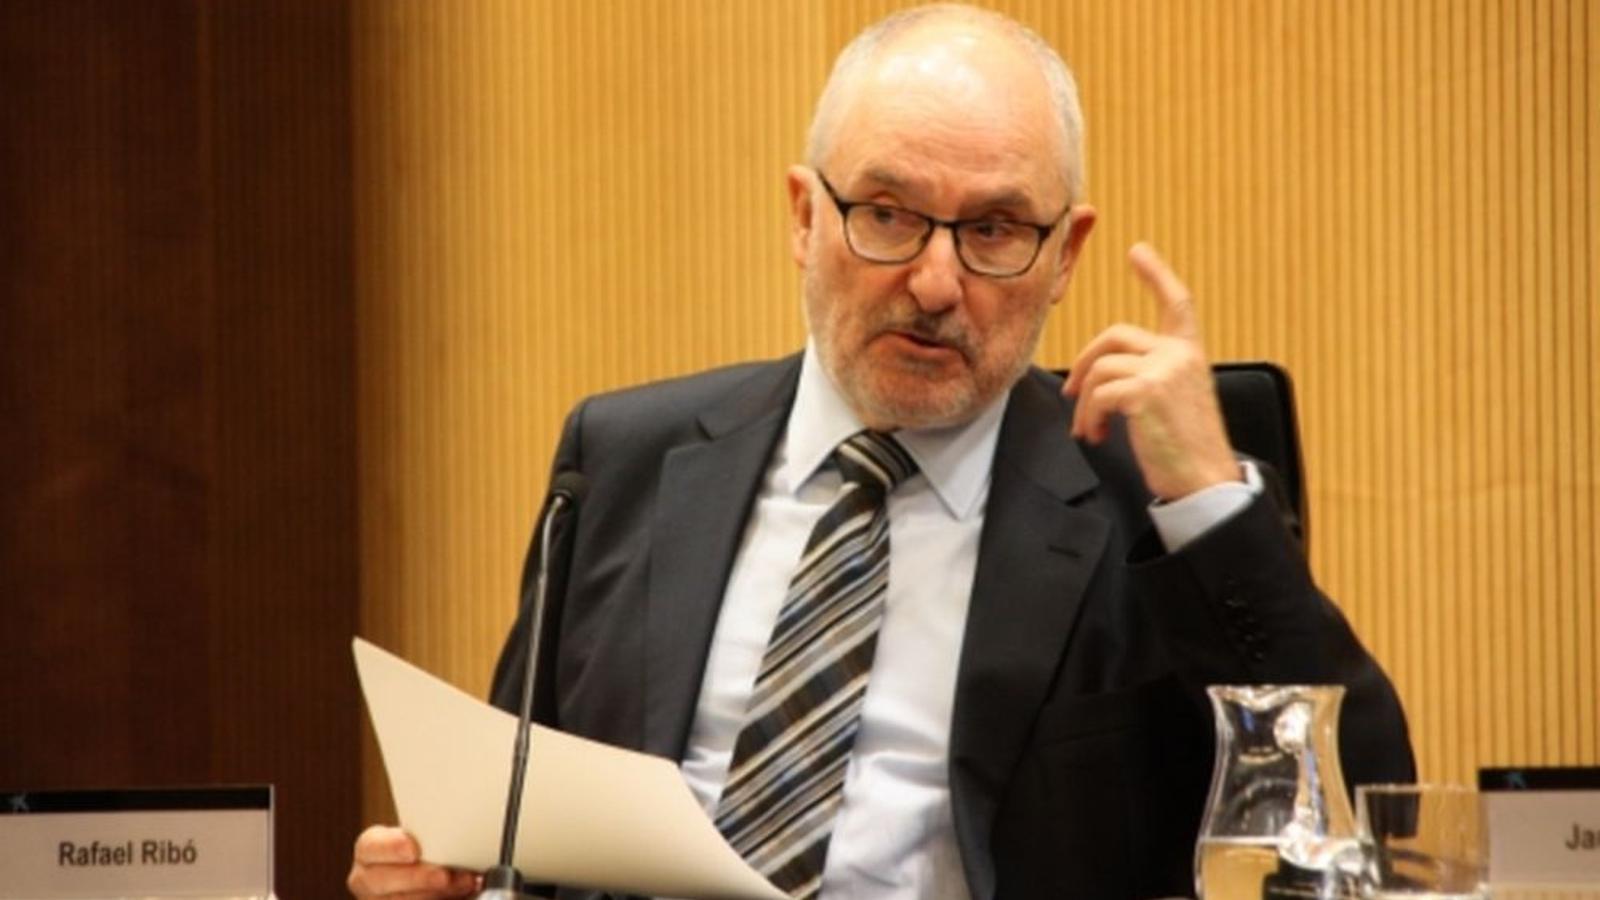 El Síndic recomana al Govern que retiri el llaç groc dels edficis públics mentre duri el període electoral